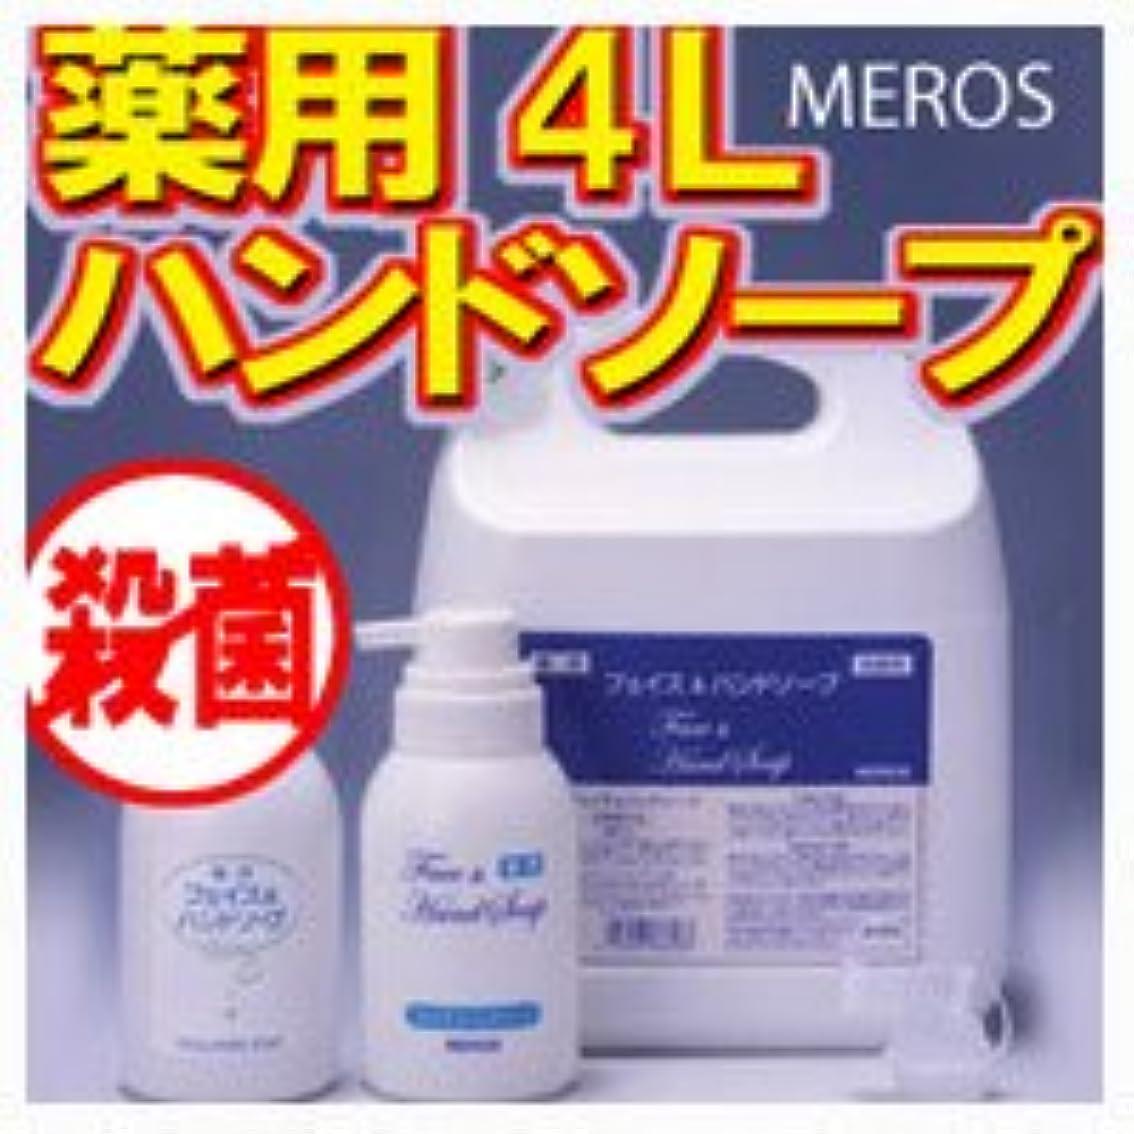 悲鳴略語スチュアート島メロス 薬用ハンドソープ 4L 【泡ポンプボトル付き】